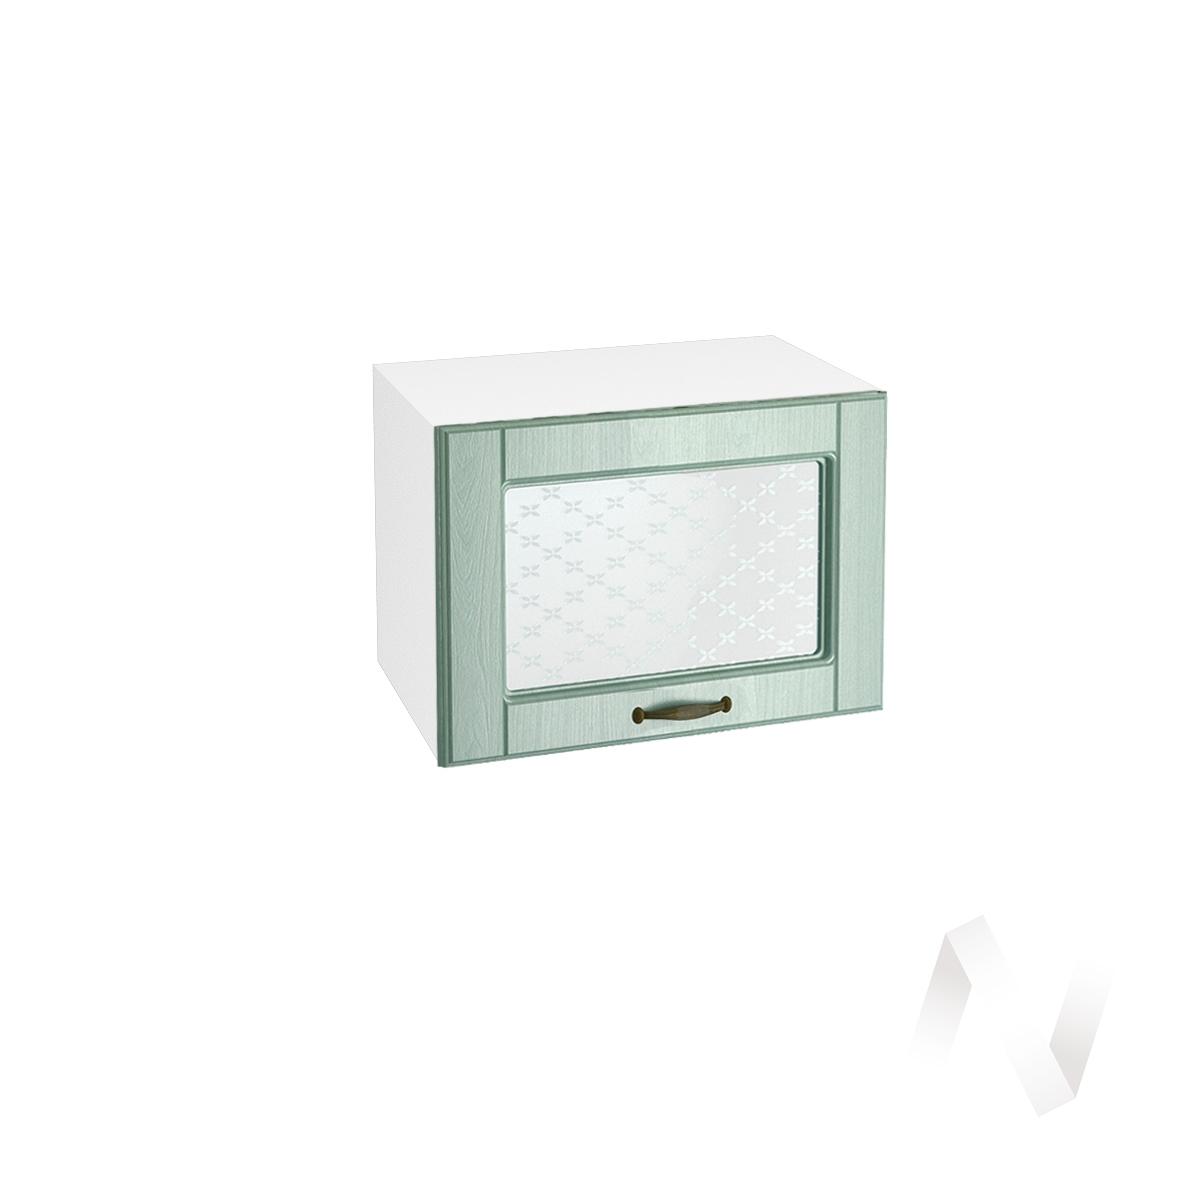 """Купить кухня """"прованс"""": шкаф верхний горизонтальный со стеклом 500, швгс 500 (корпус белый) в Новосибирске в интернет-магазине Мебель плюс Техника"""